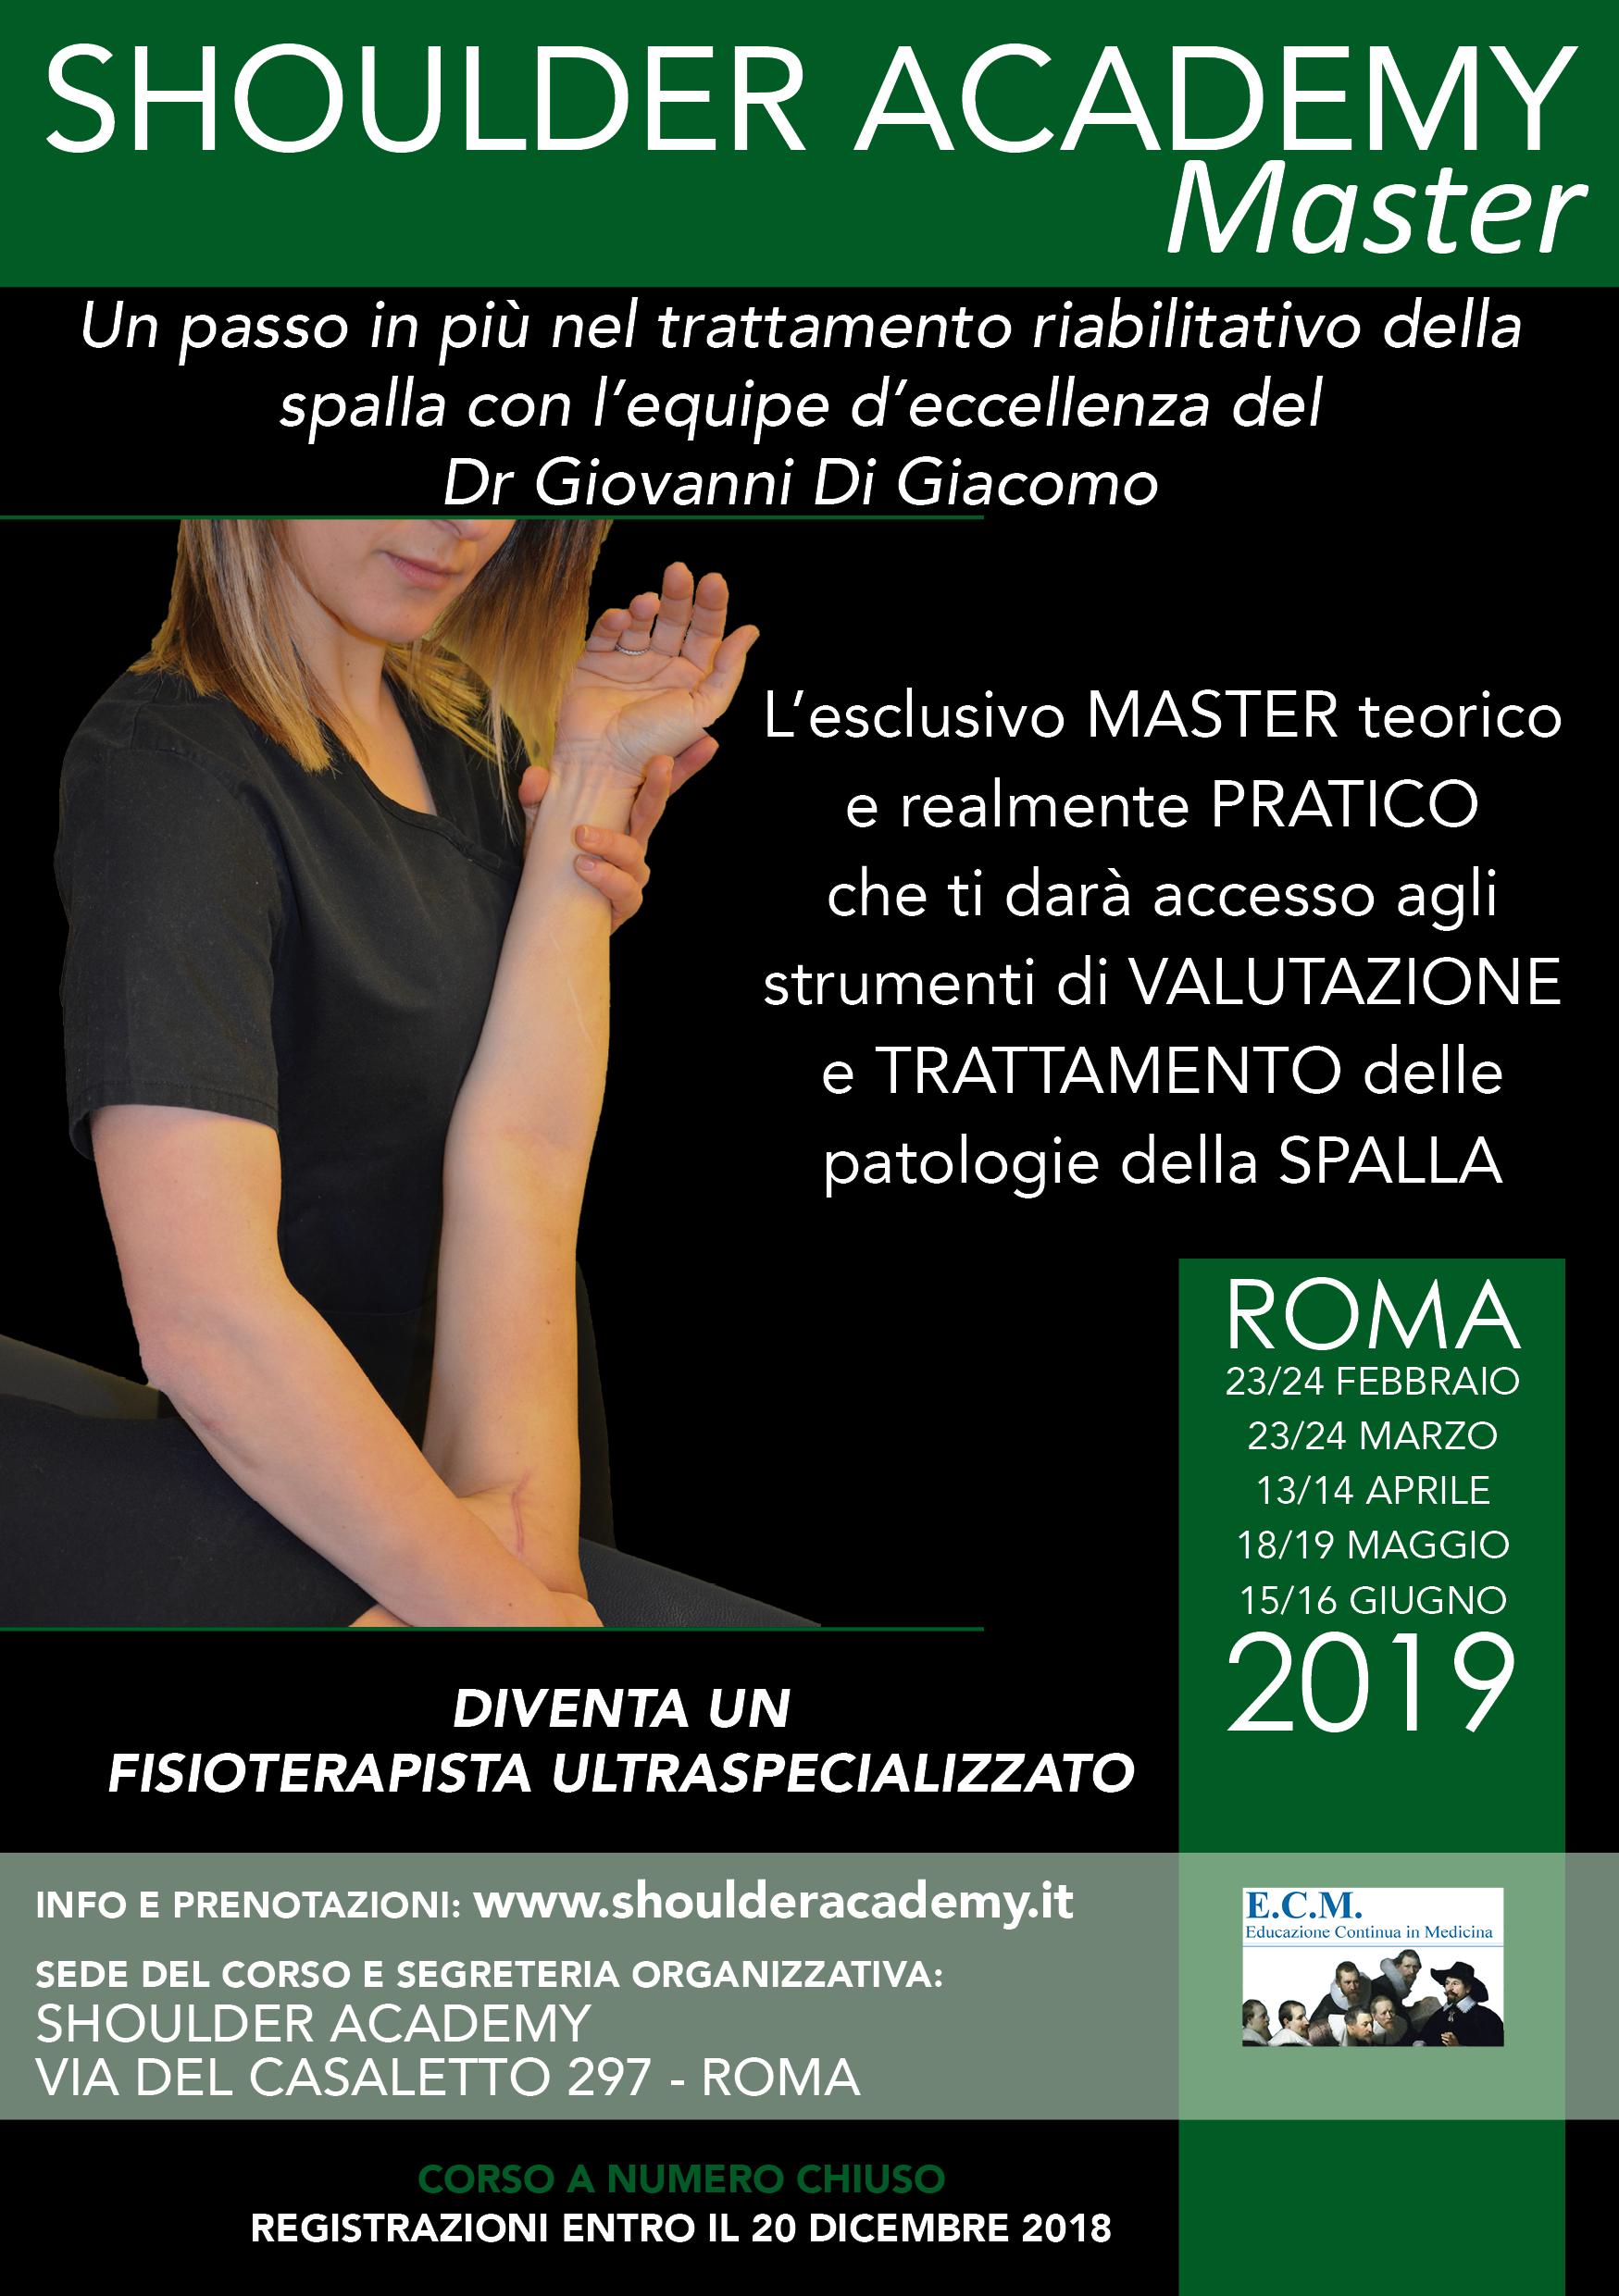 Master alta formazione dr Giovanni Di Giacomo